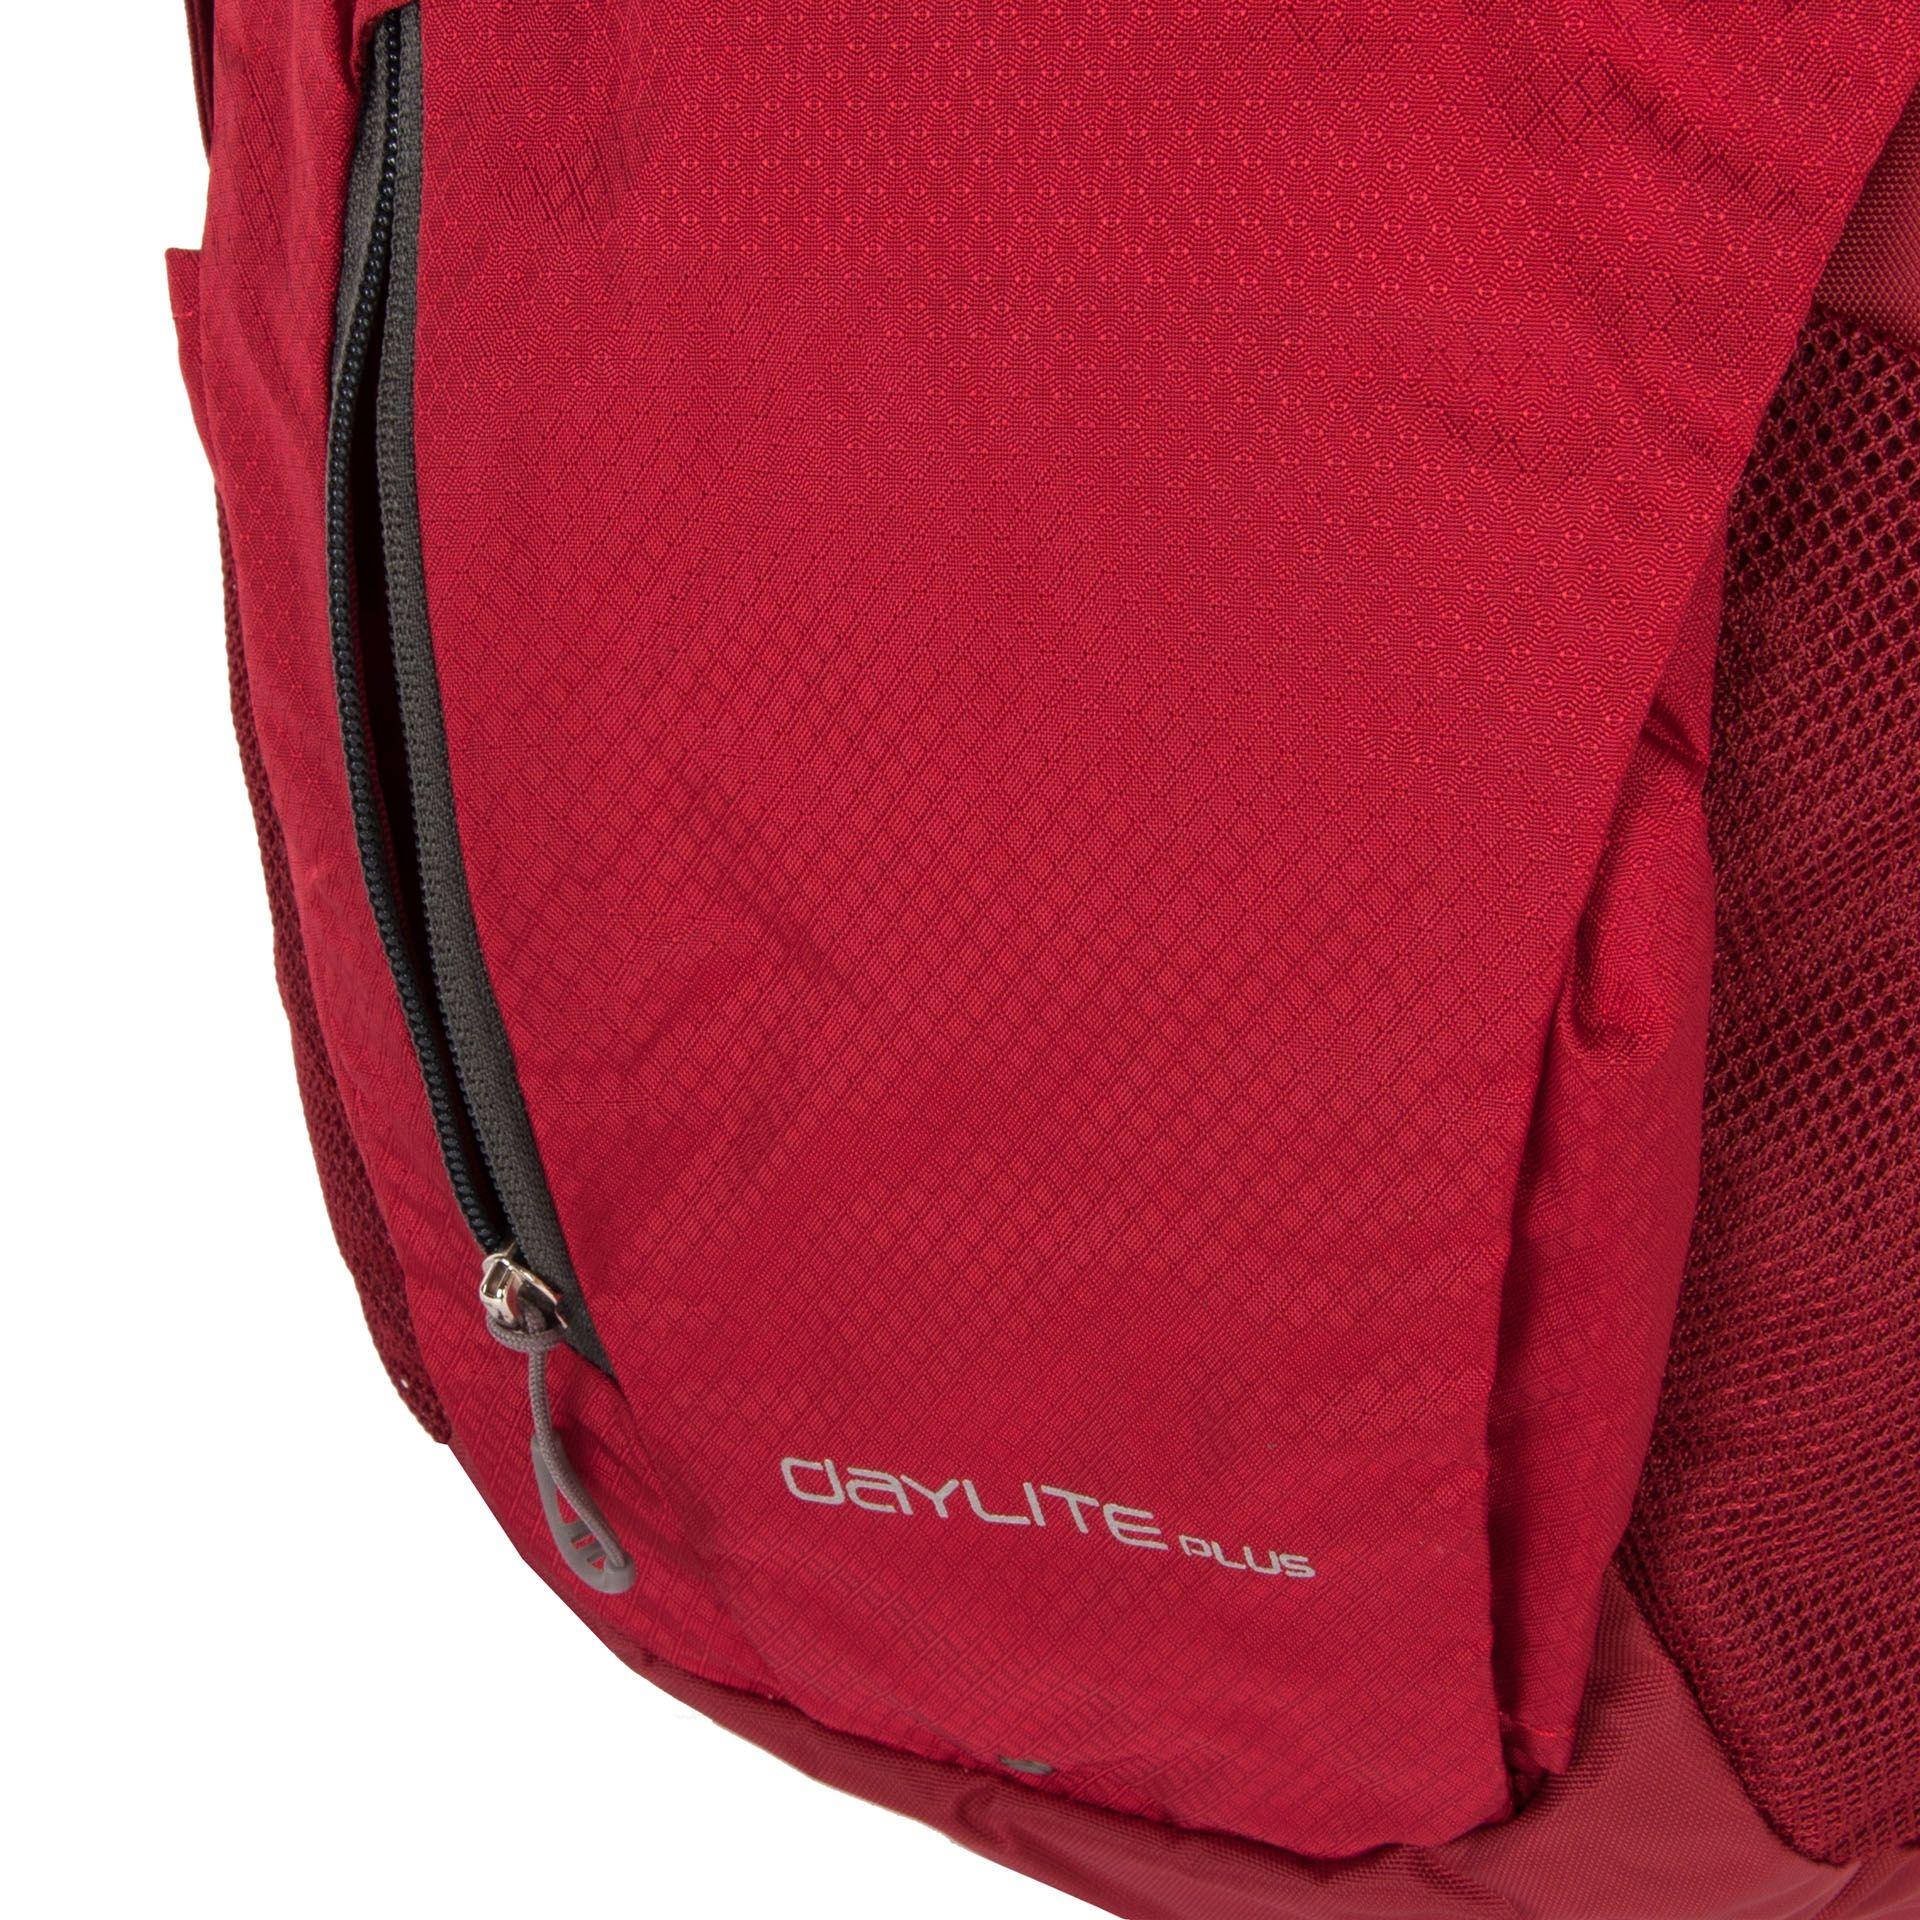 Osprey Daylite Plus Real red Ak chcete cestovať naľahko len s pár vecami na chrbte, batoh Daylite je pre vás tou pravou batožinou. - vystužený chrbtový panel s perforovaním pre lepší prístup vzduchu- pútko pre vonkajšie uchytenie hydrovaku za chrbtový panel- čalúnené vrecko na laptop 15,4